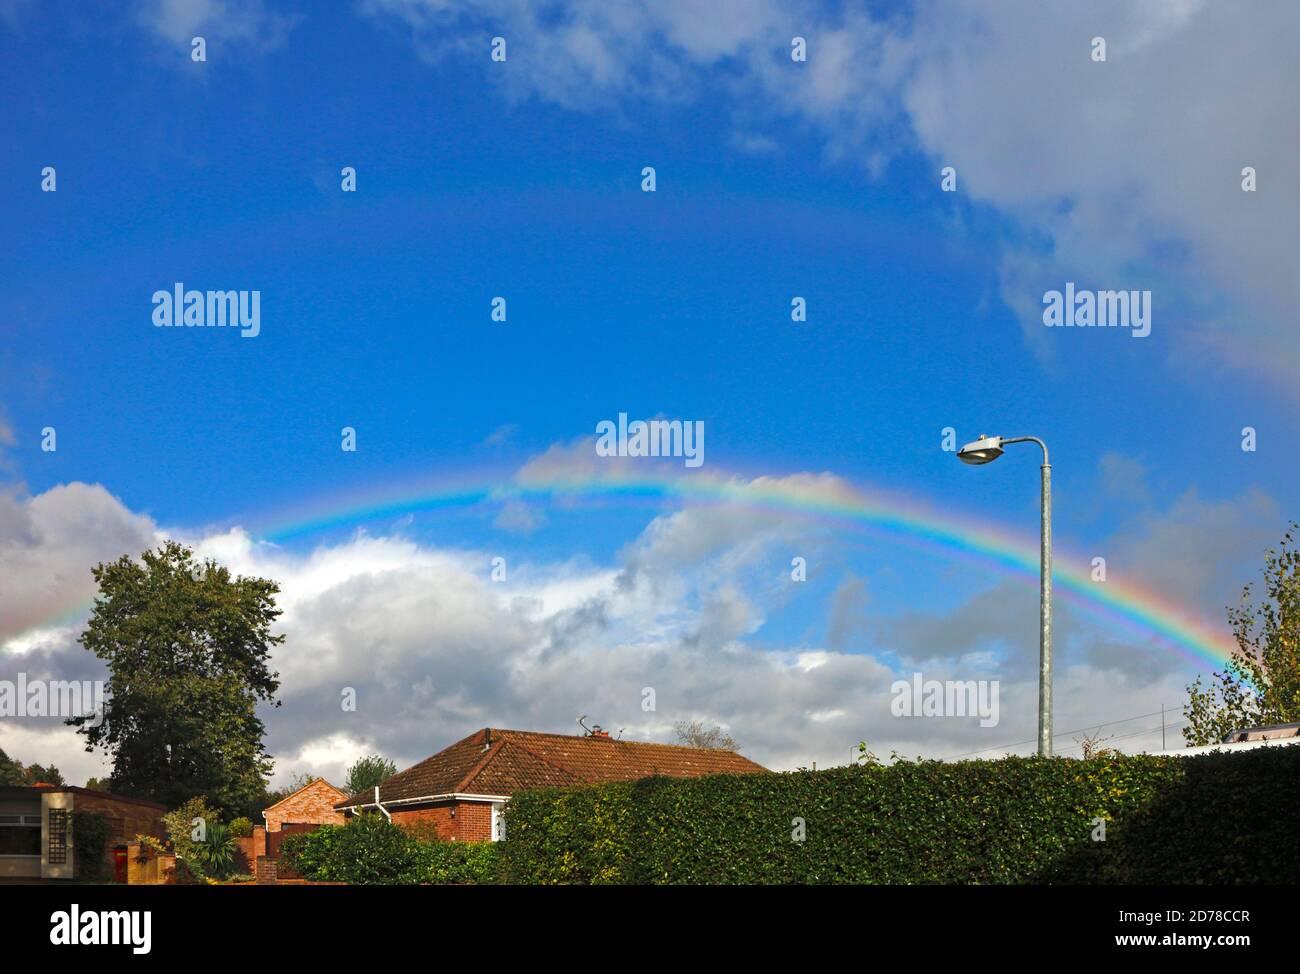 Un arc-en-ciel contre un ciel bleu lors d'une journée d'exposition en automne à Hellesdon, Norfolk, Angleterre, Royaume-Uni. Banque D'Images